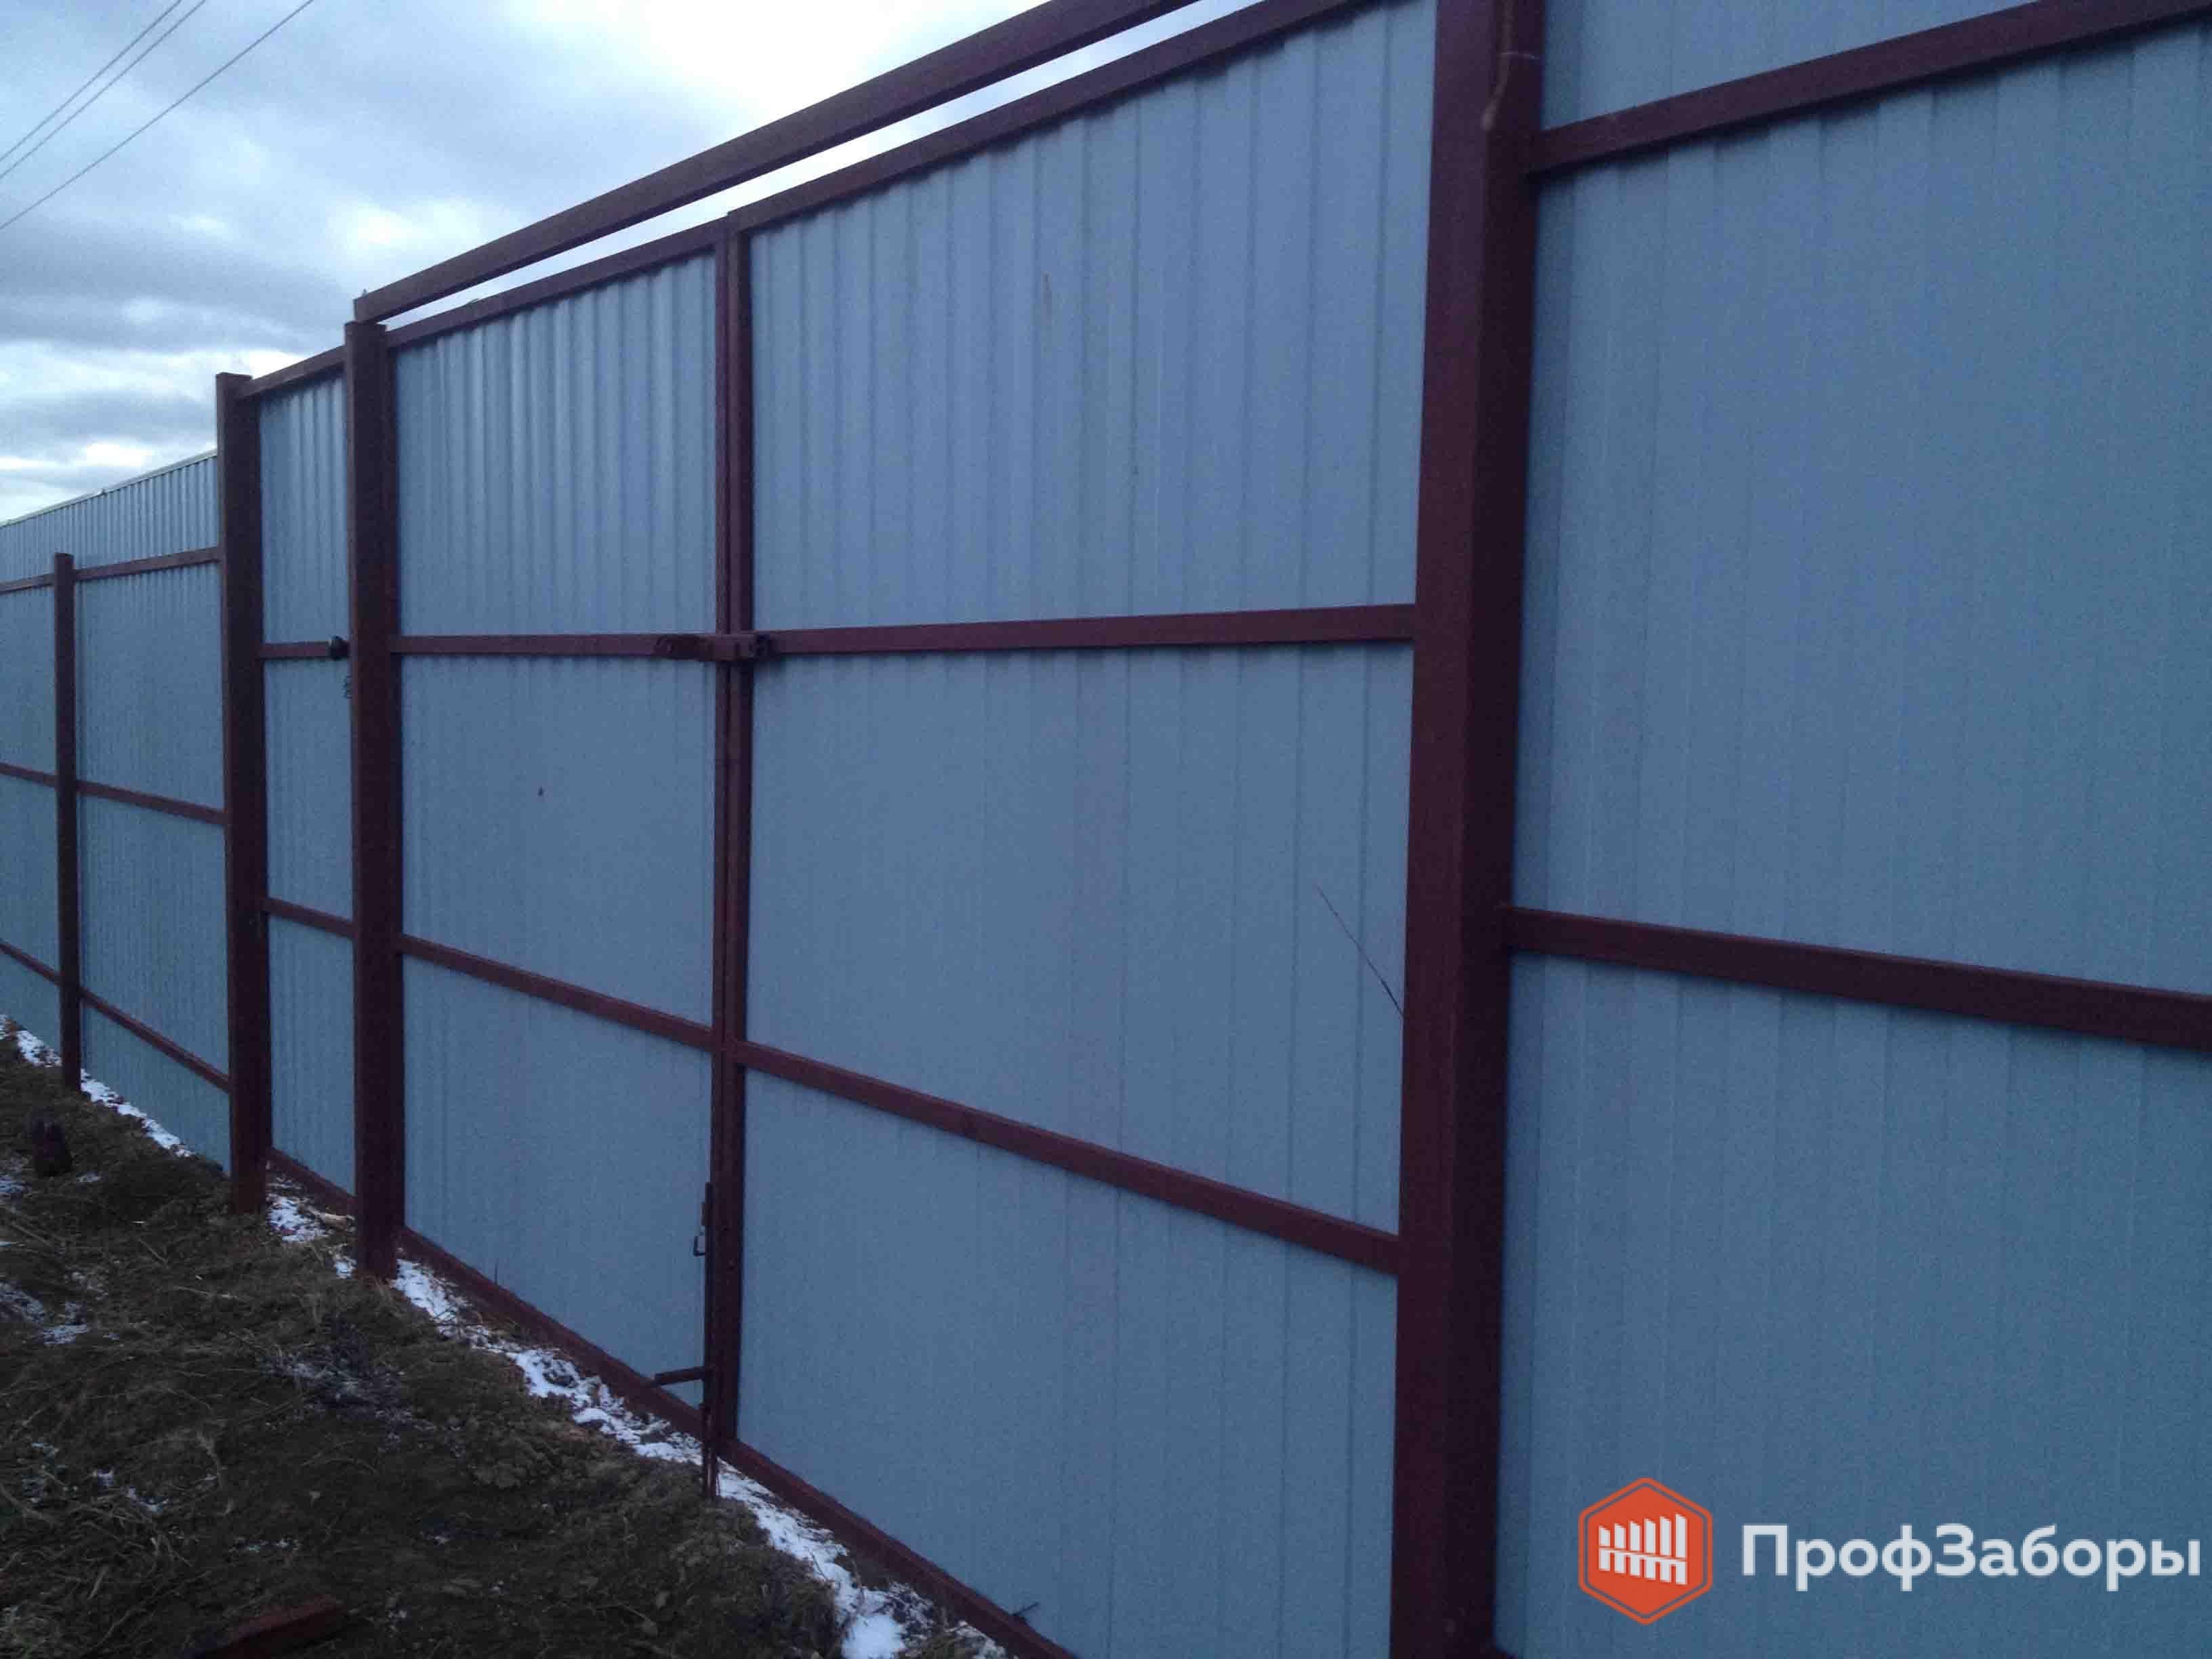 Заборы Из профнастила  - Посёлок городского типа Удельная. Фото 3